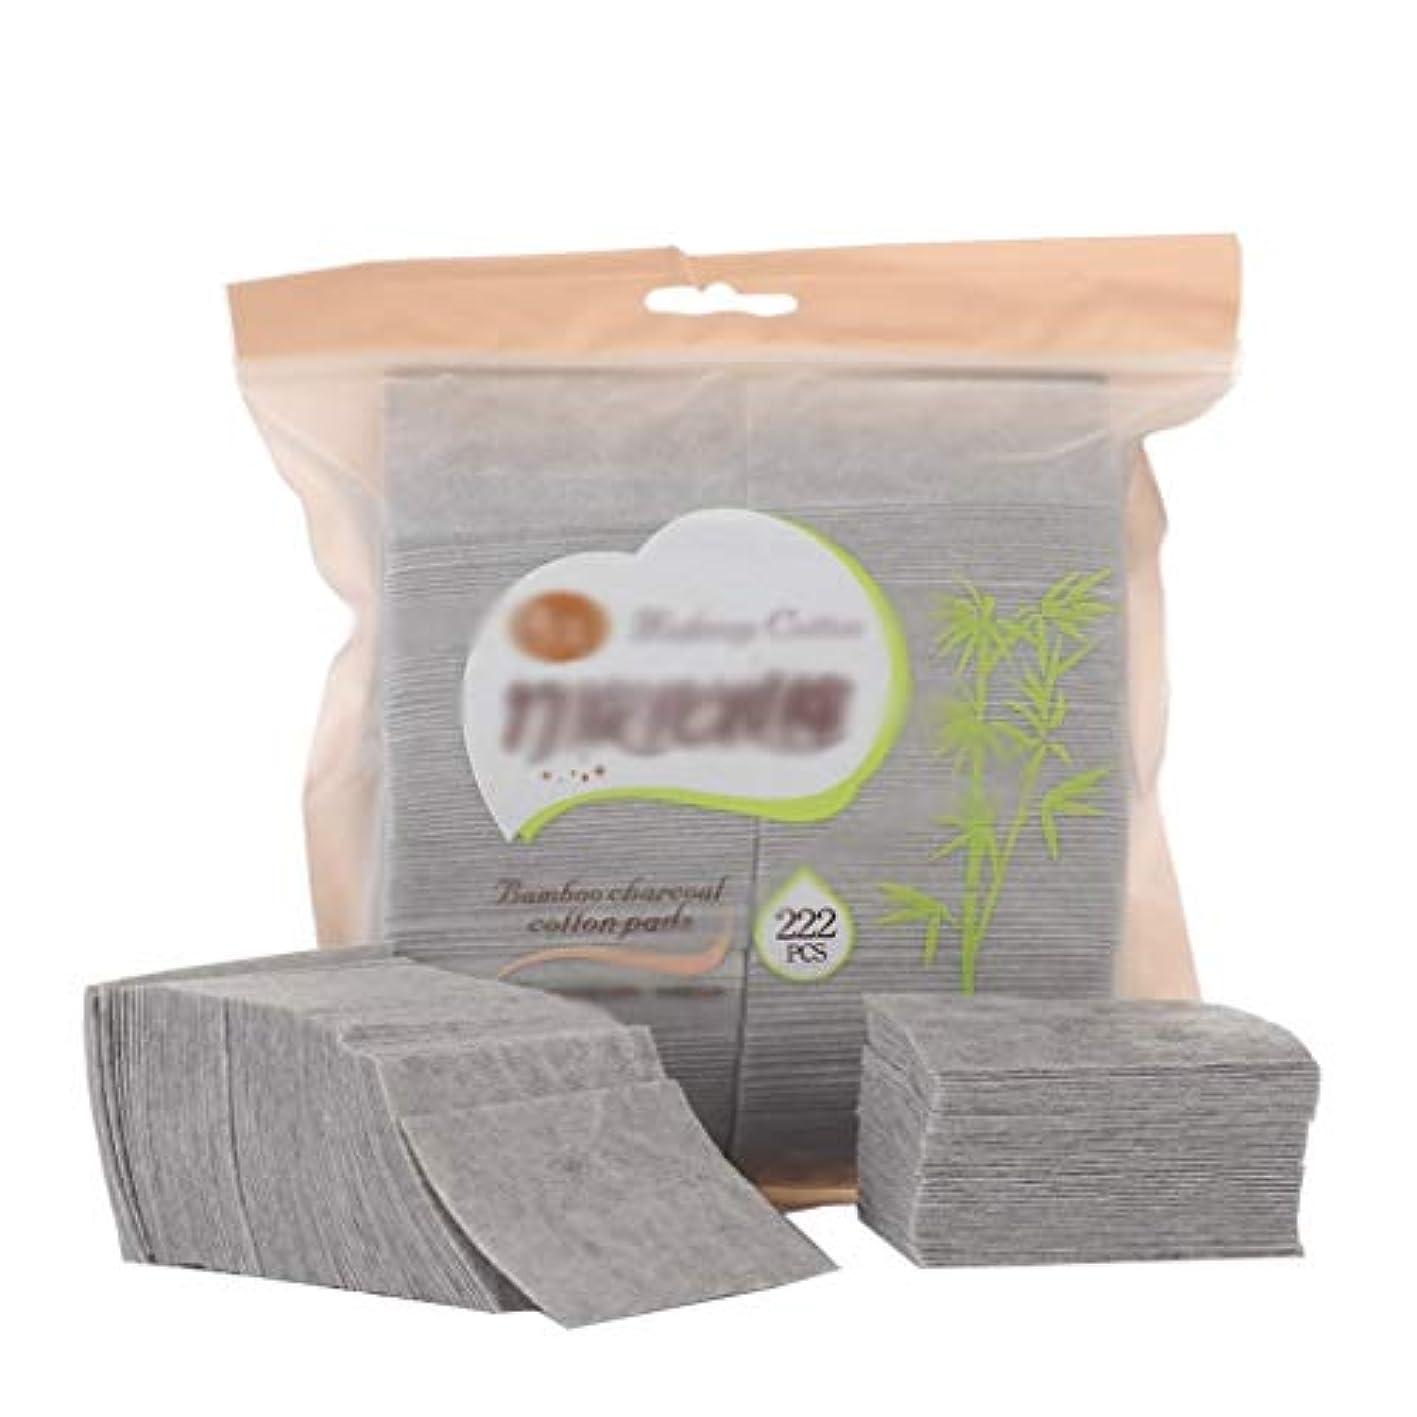 宮殿地上の実際クレンジングシート 222ピース箱入り竹炭化粧コットンパッド両面使い捨て洗顔コットンポータブルメイクアップコットンピース (Color : Gray, サイズ : 5*7cm)